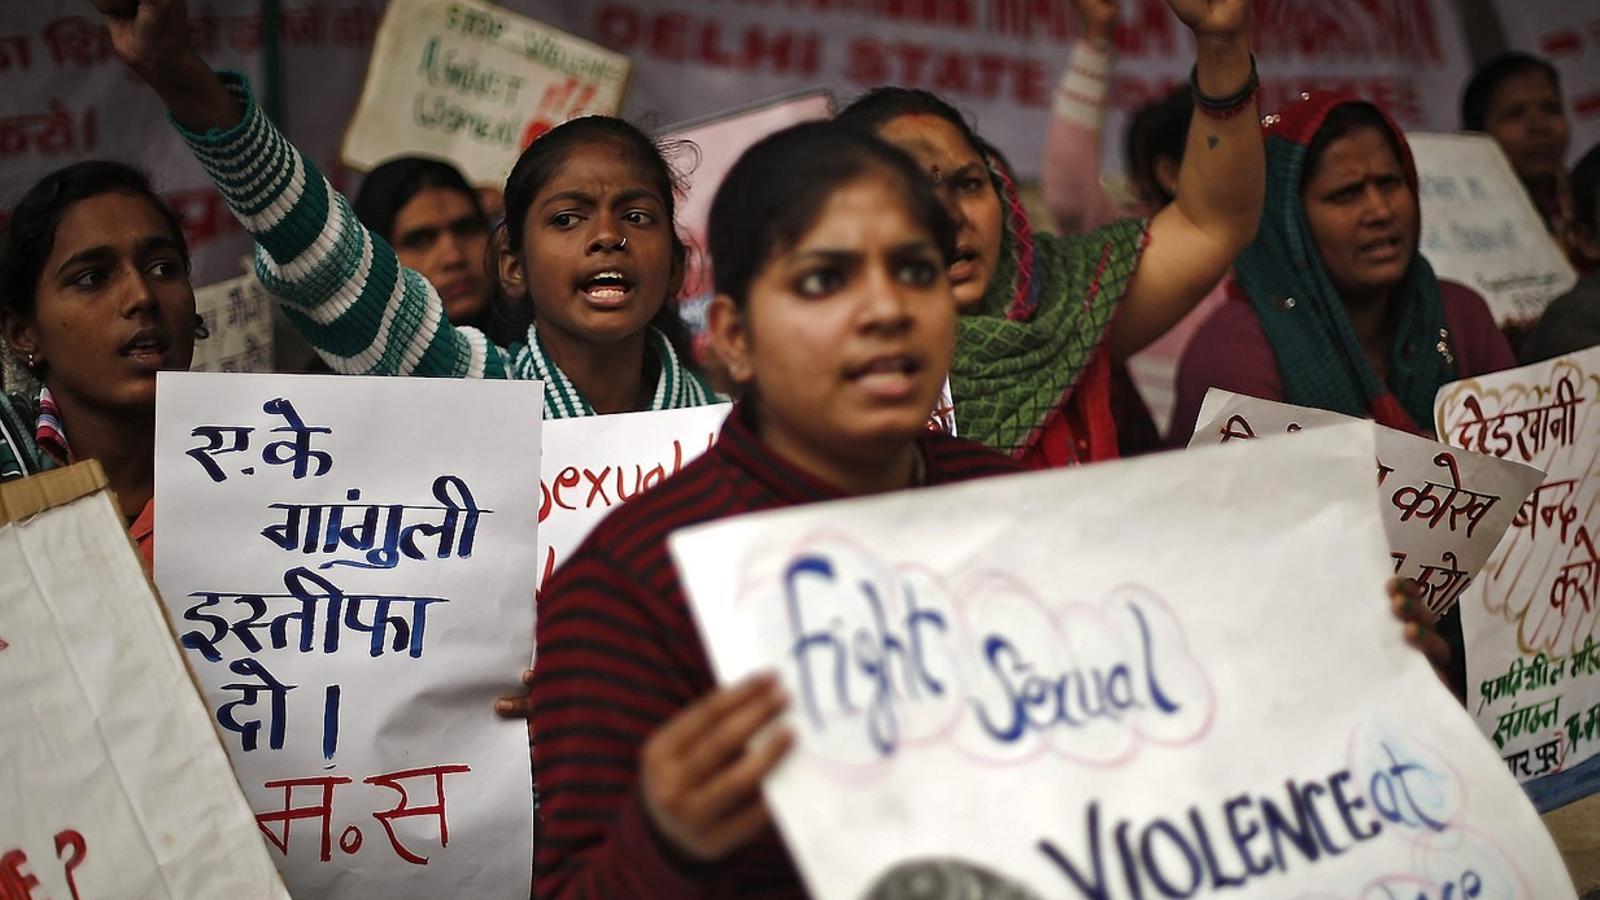 Les violacions a l'Índia, una xacra amb arrels culturals